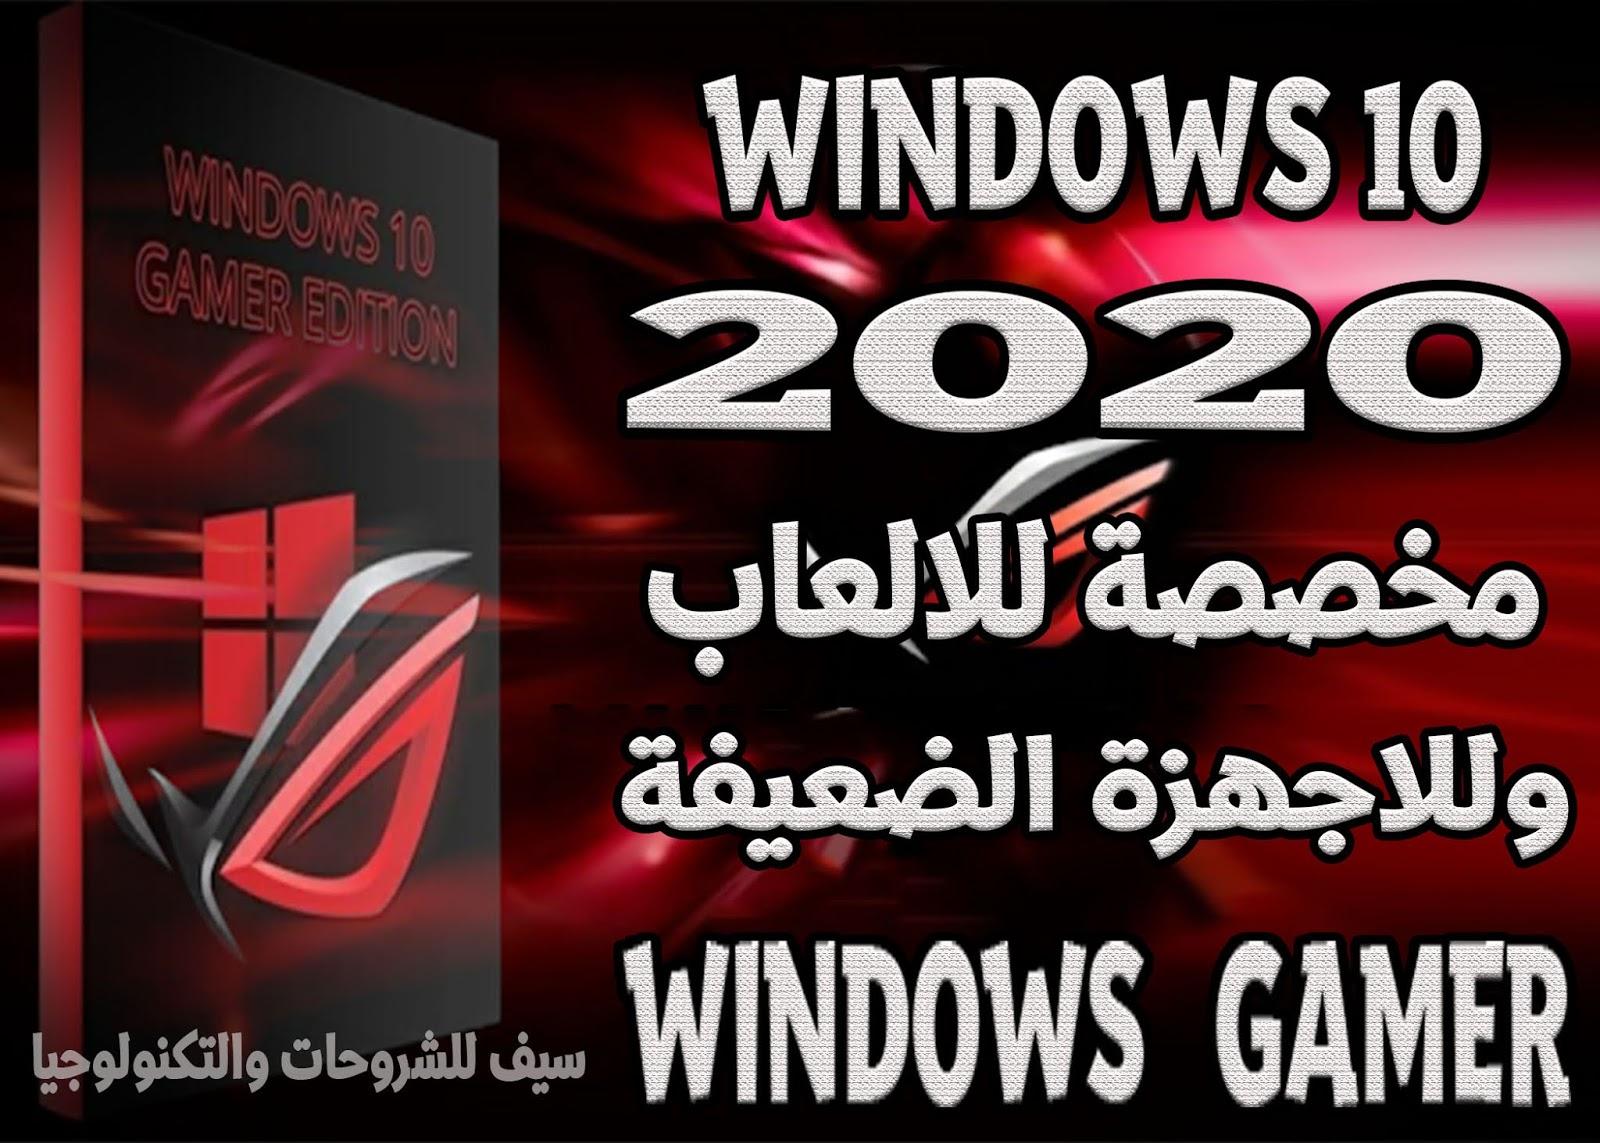 اخيرا افضل واقوي نسخة ويندوز 10 مخصصة للالعاب - وللاجهزة الضعيفة - Windows Optimum 10 - Gaming Edition X64 2020